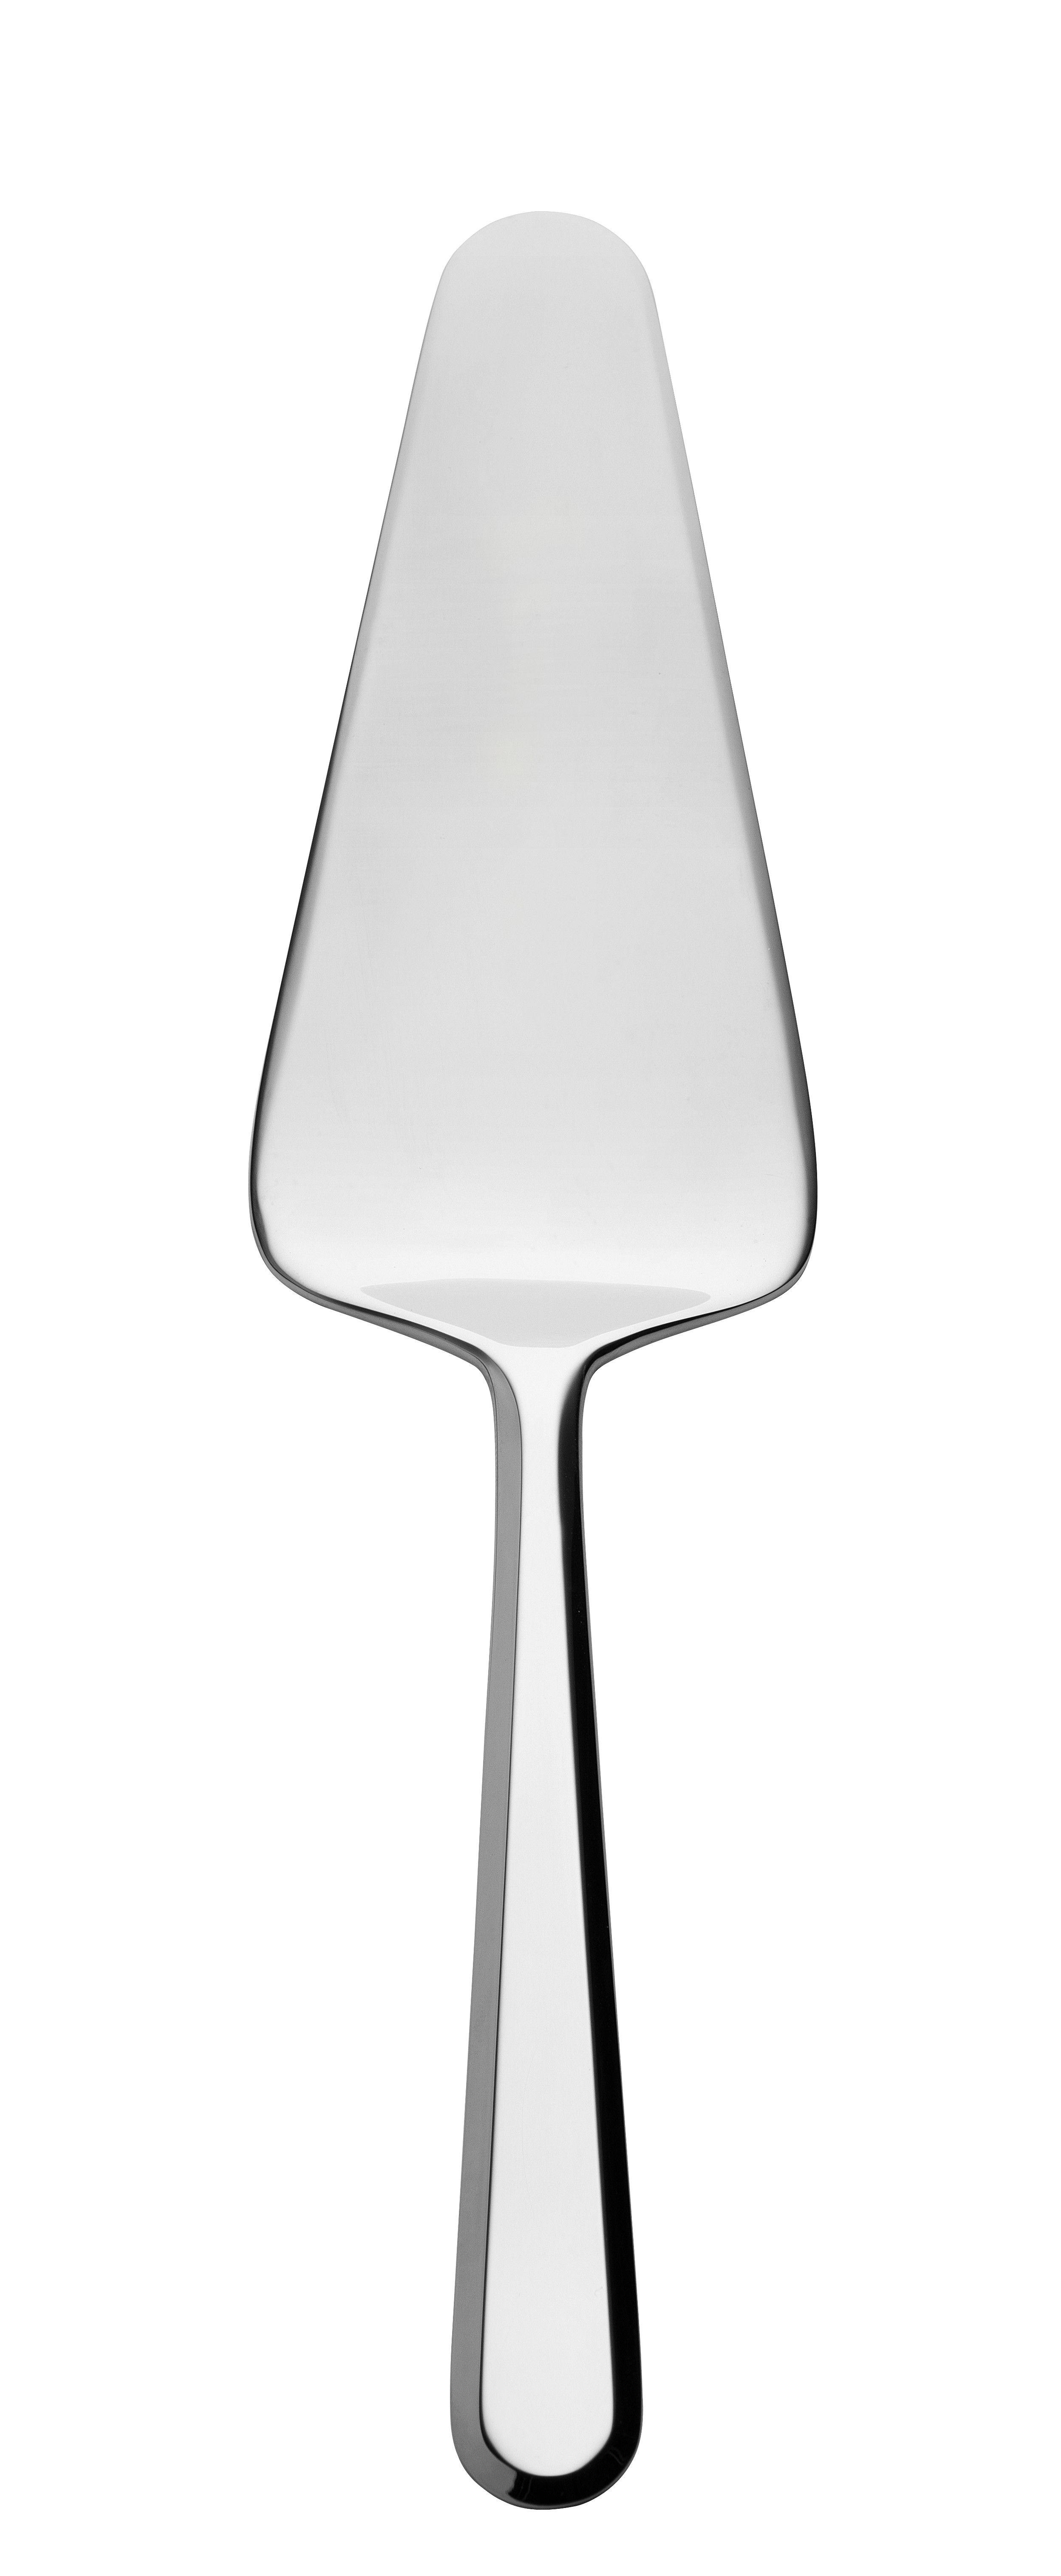 Arts de la table - Couverts de table - Pelle à tarte Amici - Alessi - Acier - Acier inoxydable